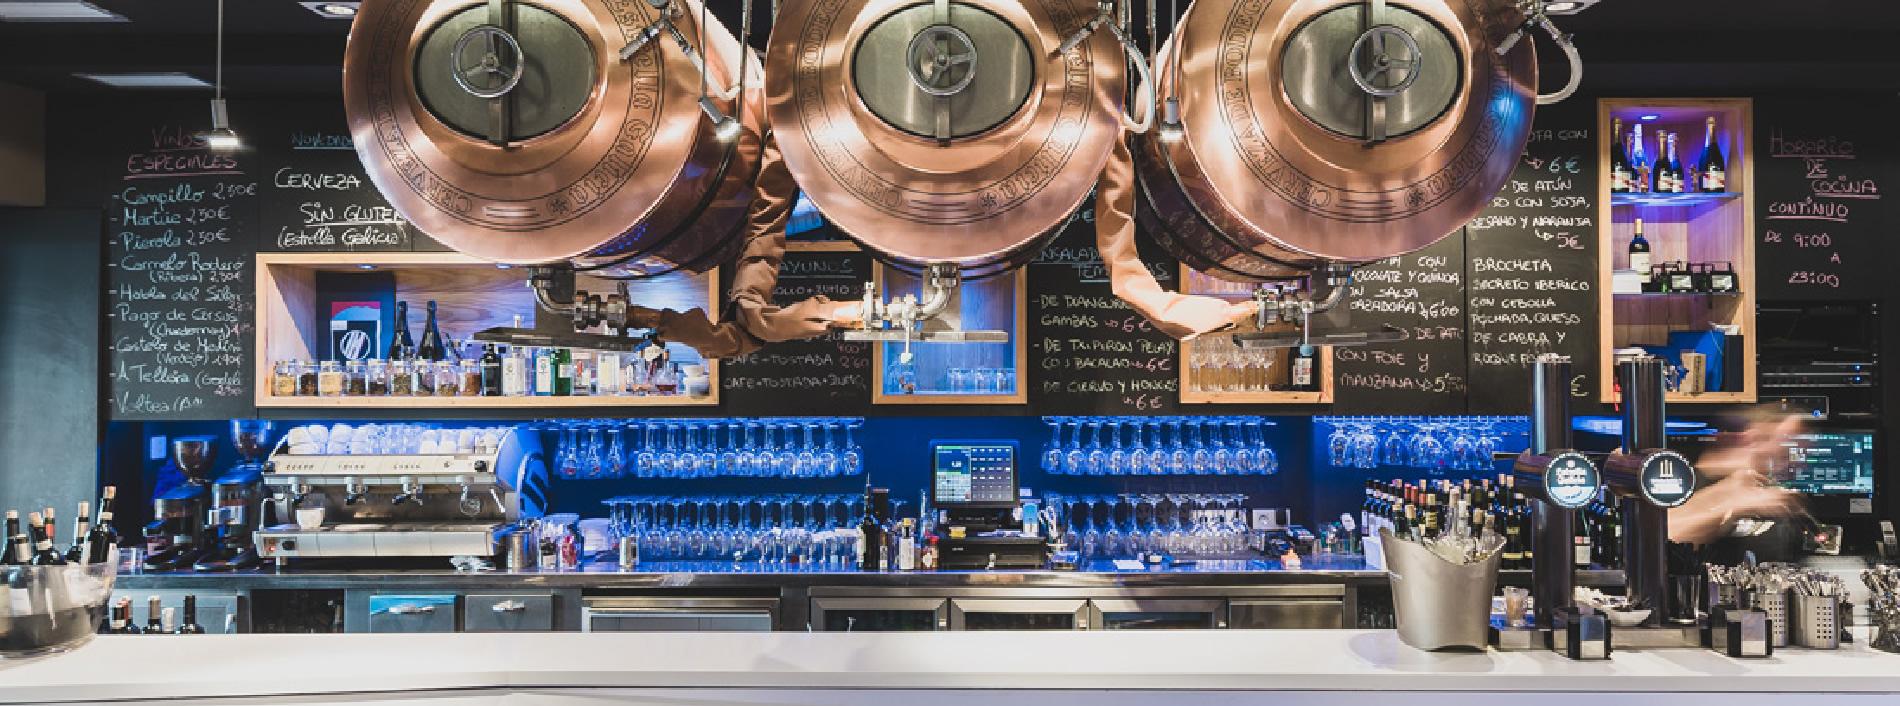 Cianco ha diseñado y fabricado una nueva barra y mostrador para el Bar Lobo en el donostiarra barrio de Benta Berri